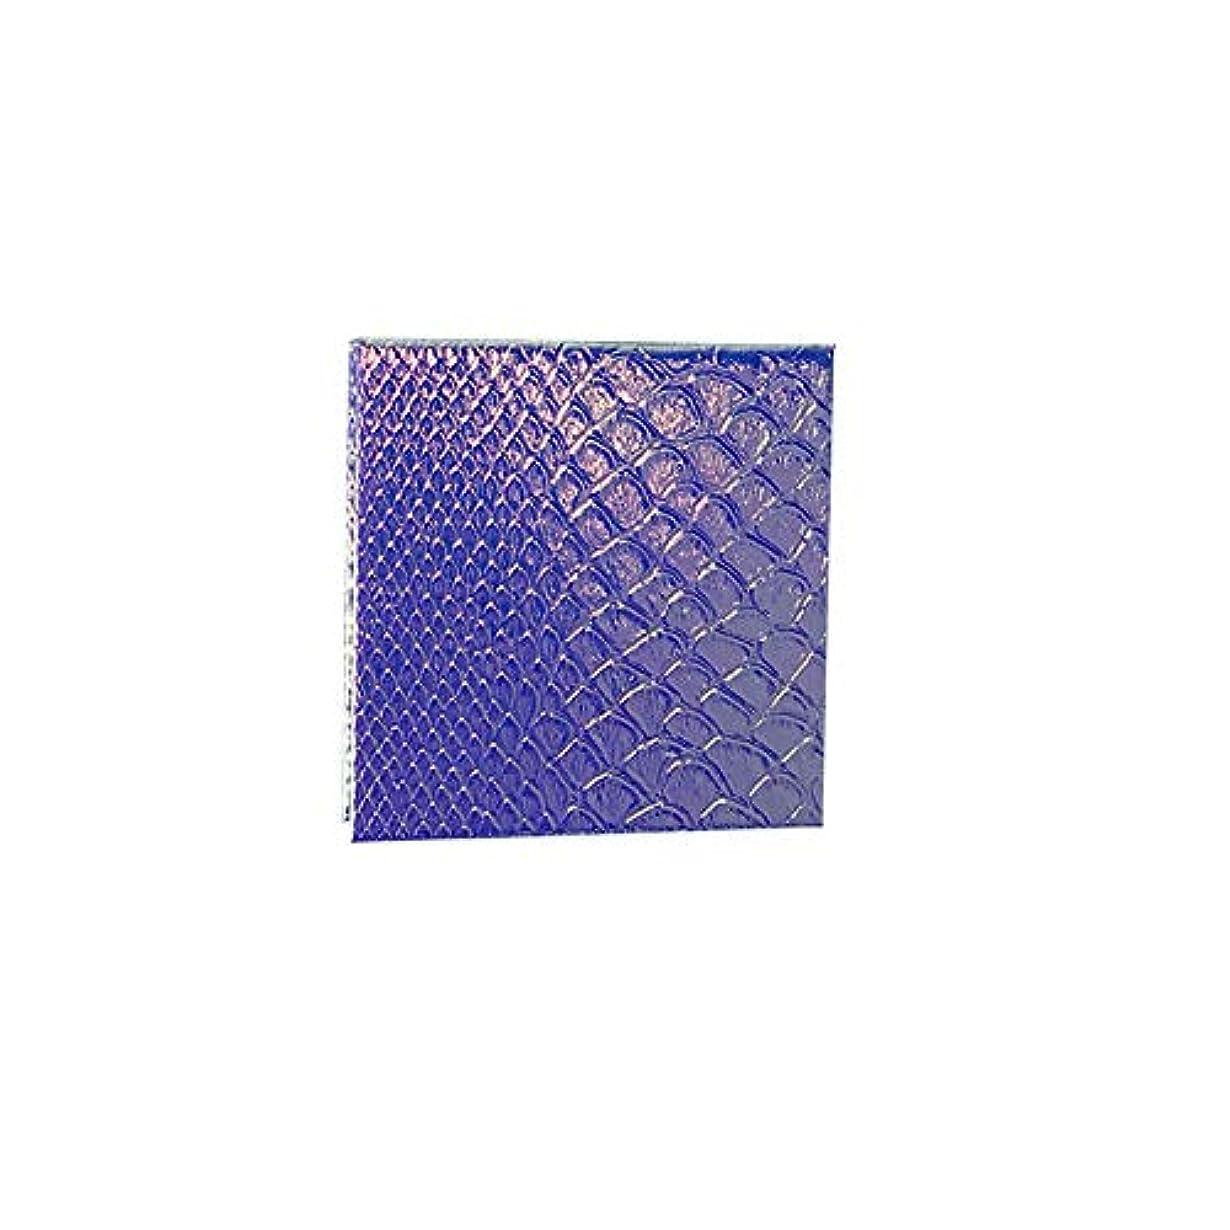 デコードする電圧不透明な空の化粧アイシャドーパレット磁気空パレット接着剤空のパレット金属ステッカー空のパレットキット(S)